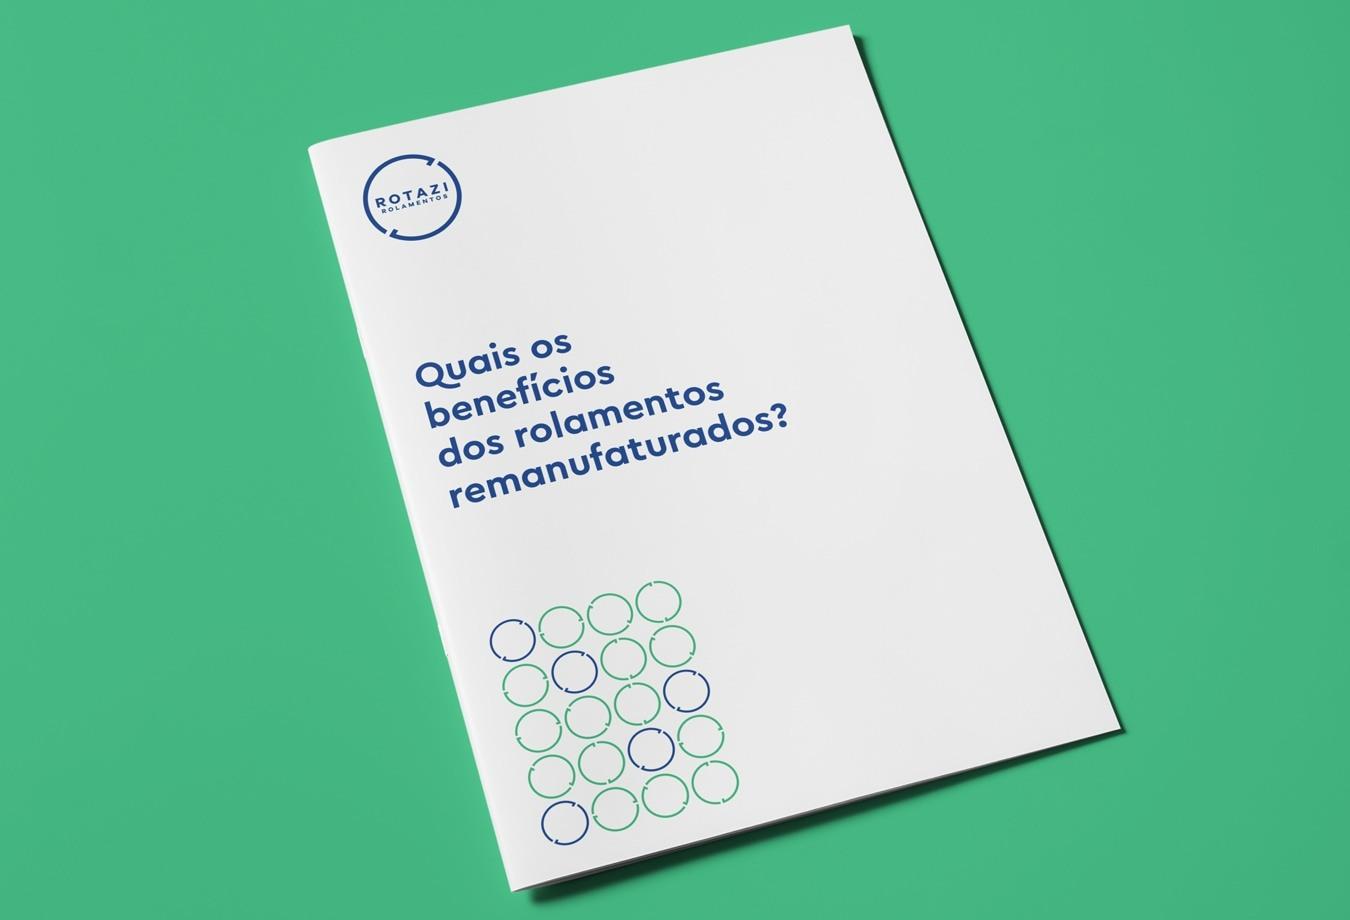 rotazi-identity-02-folder